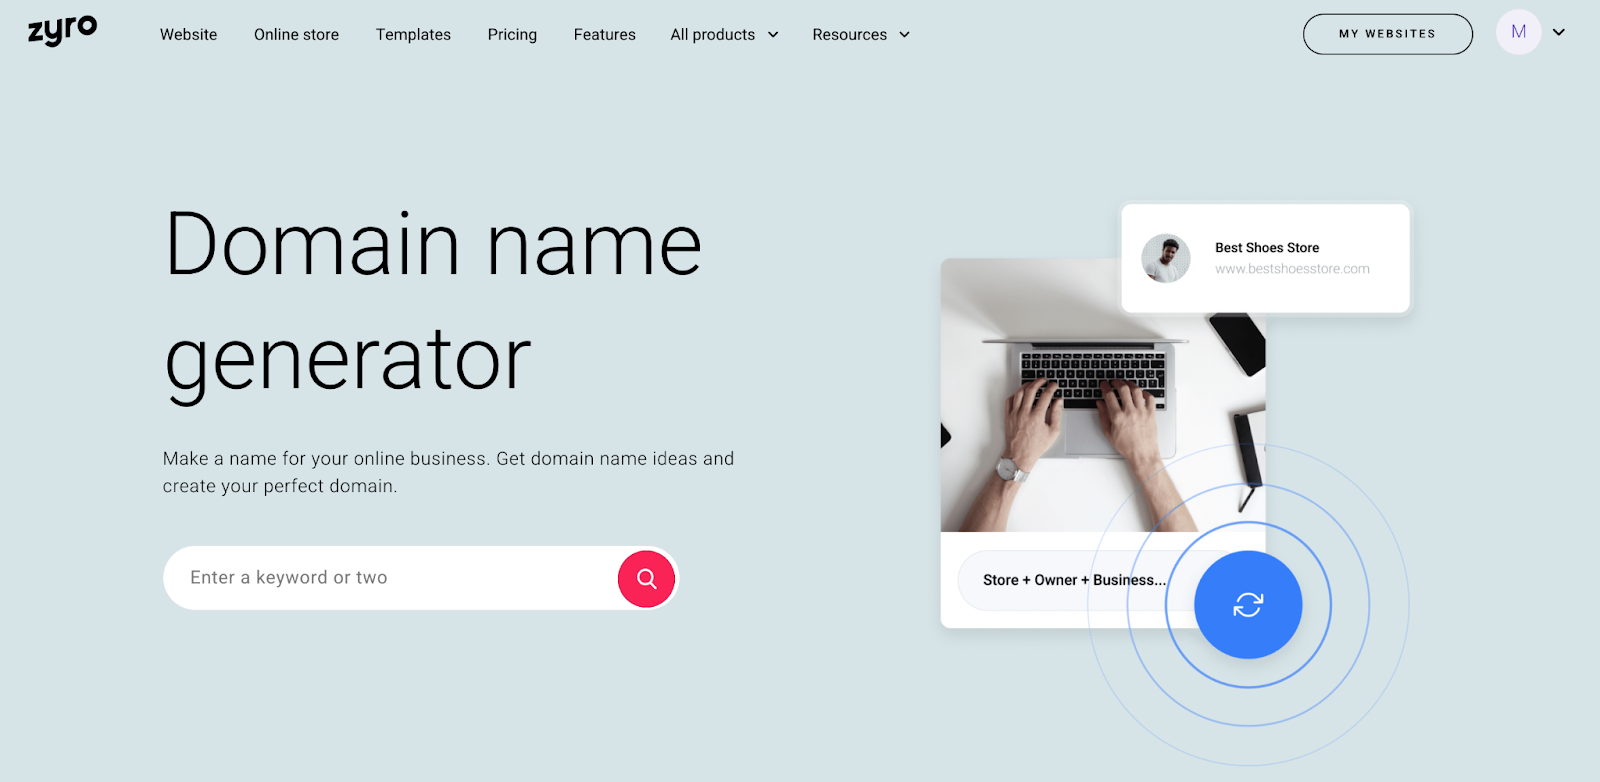 Zyro domain name generator landing page